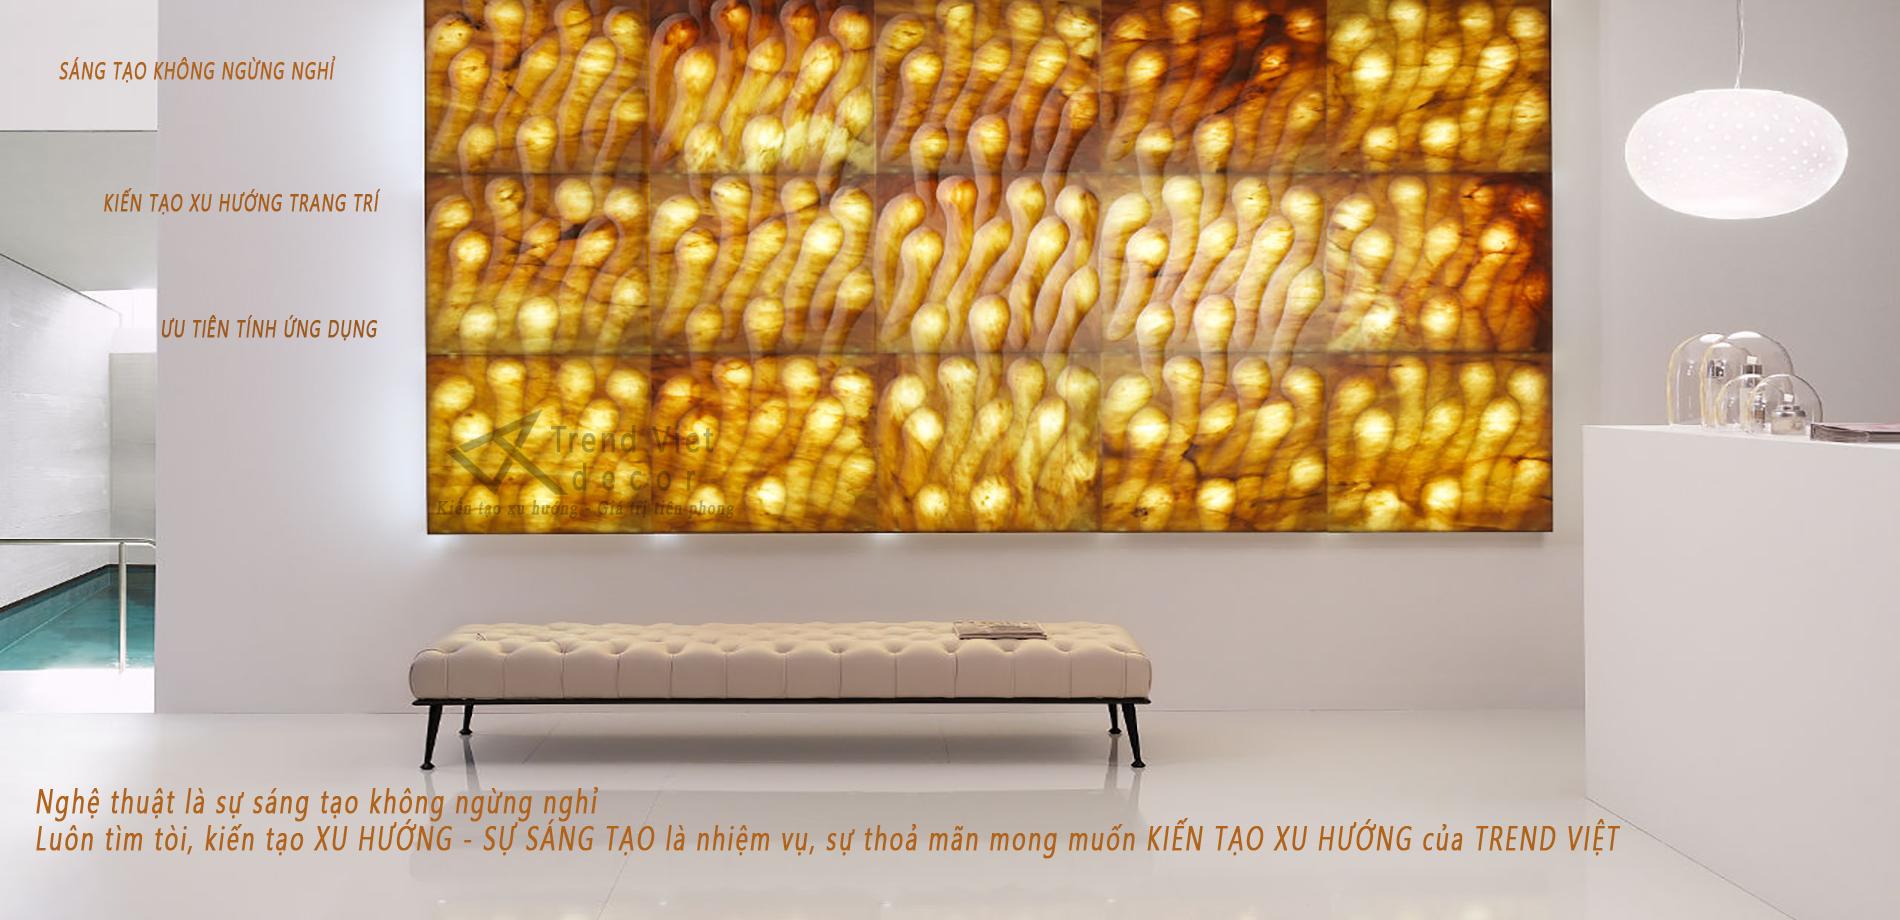 Đá xuyên sáng Trend Việt - sáng tạo không ngừng